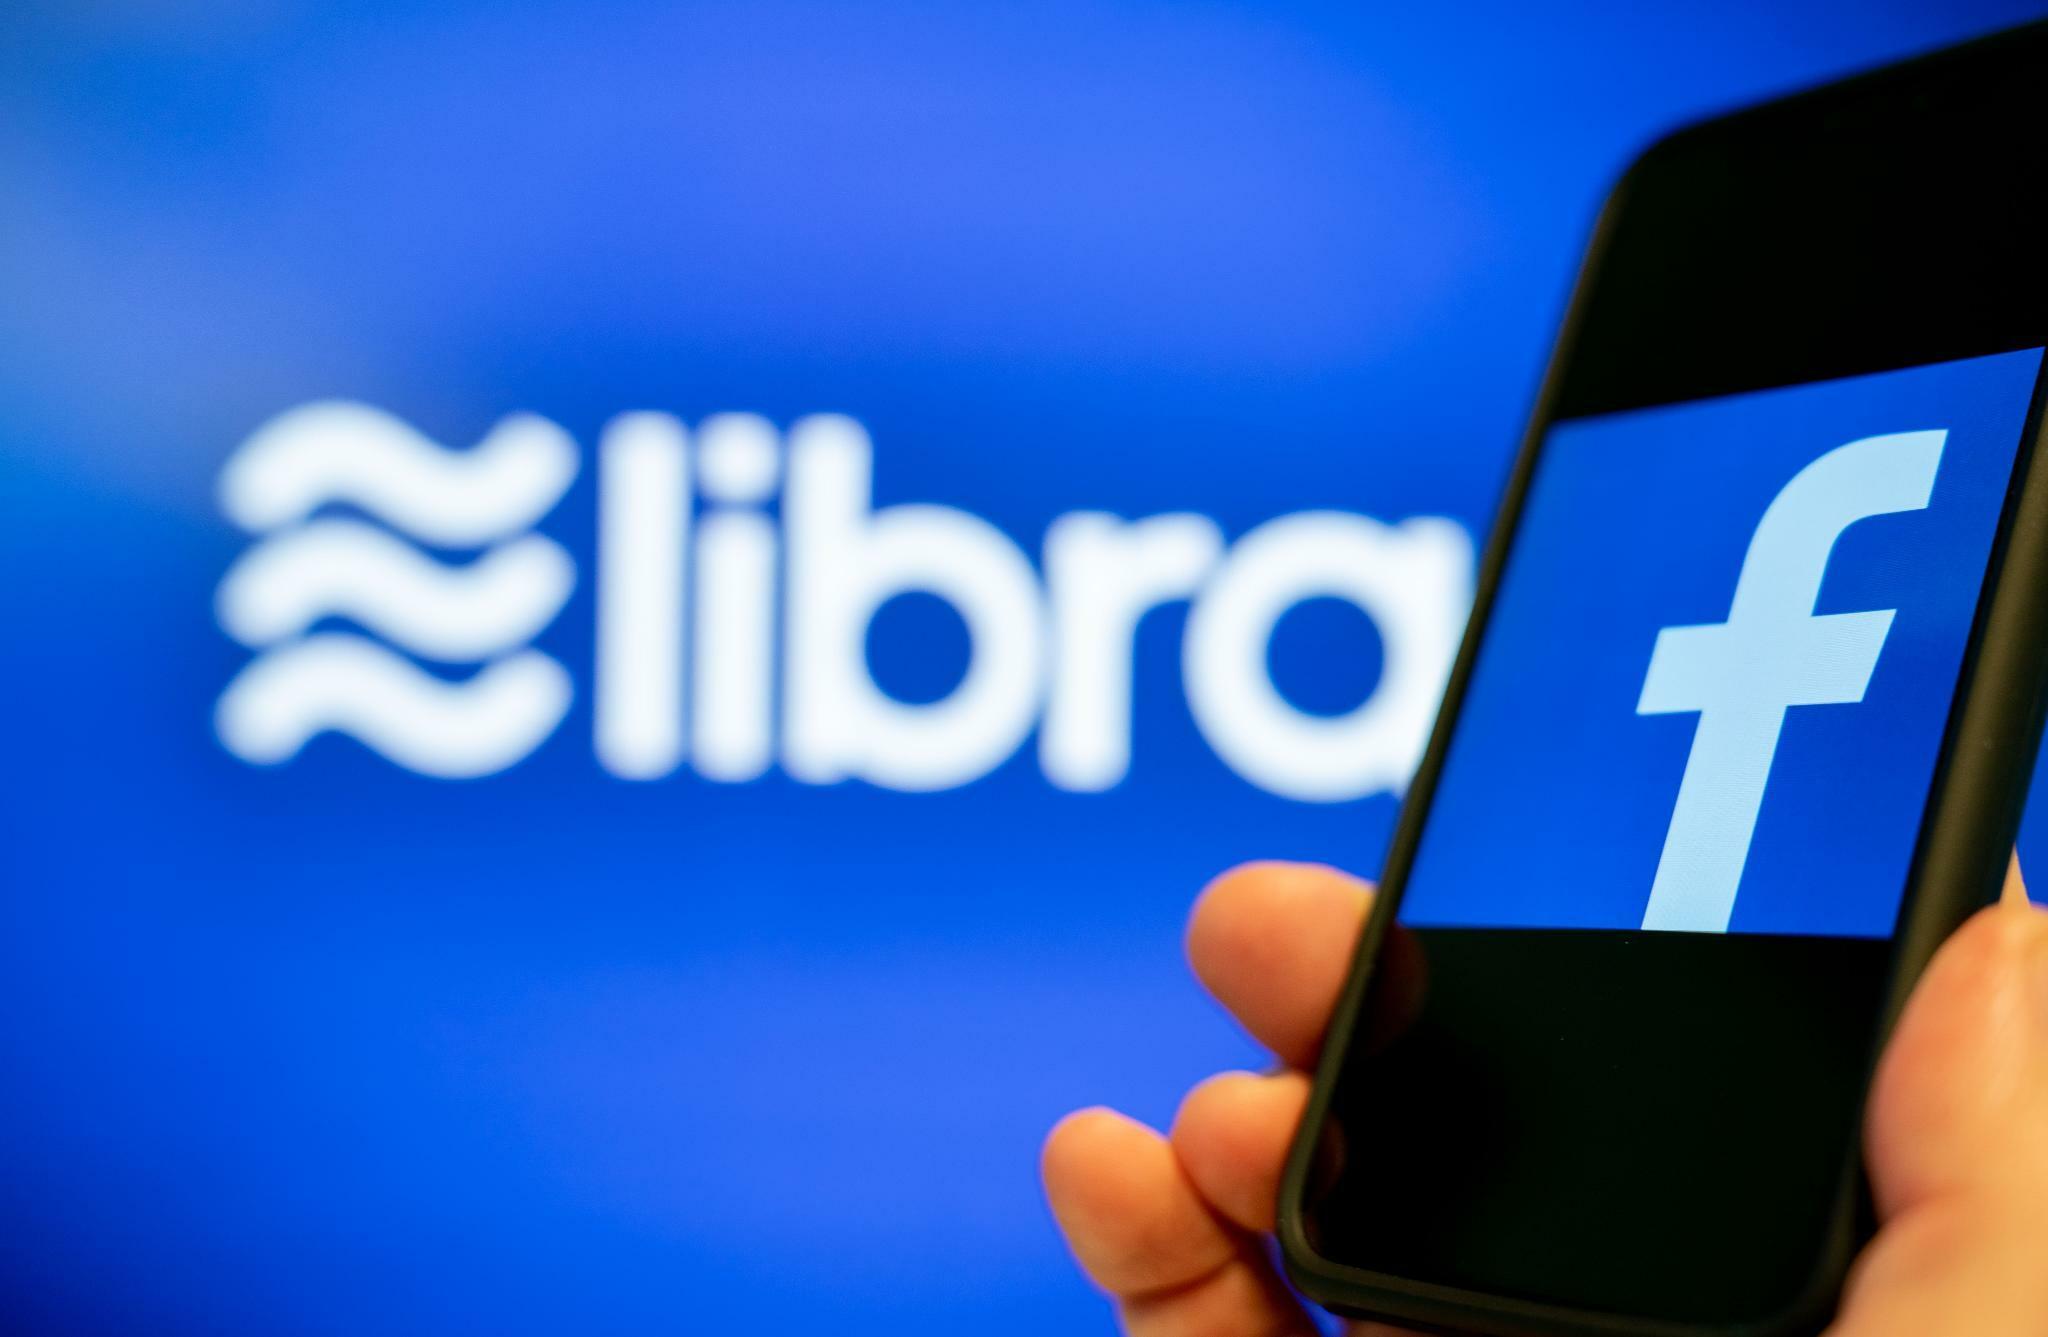 Facebook startet offiziell Digitalwährung Libra